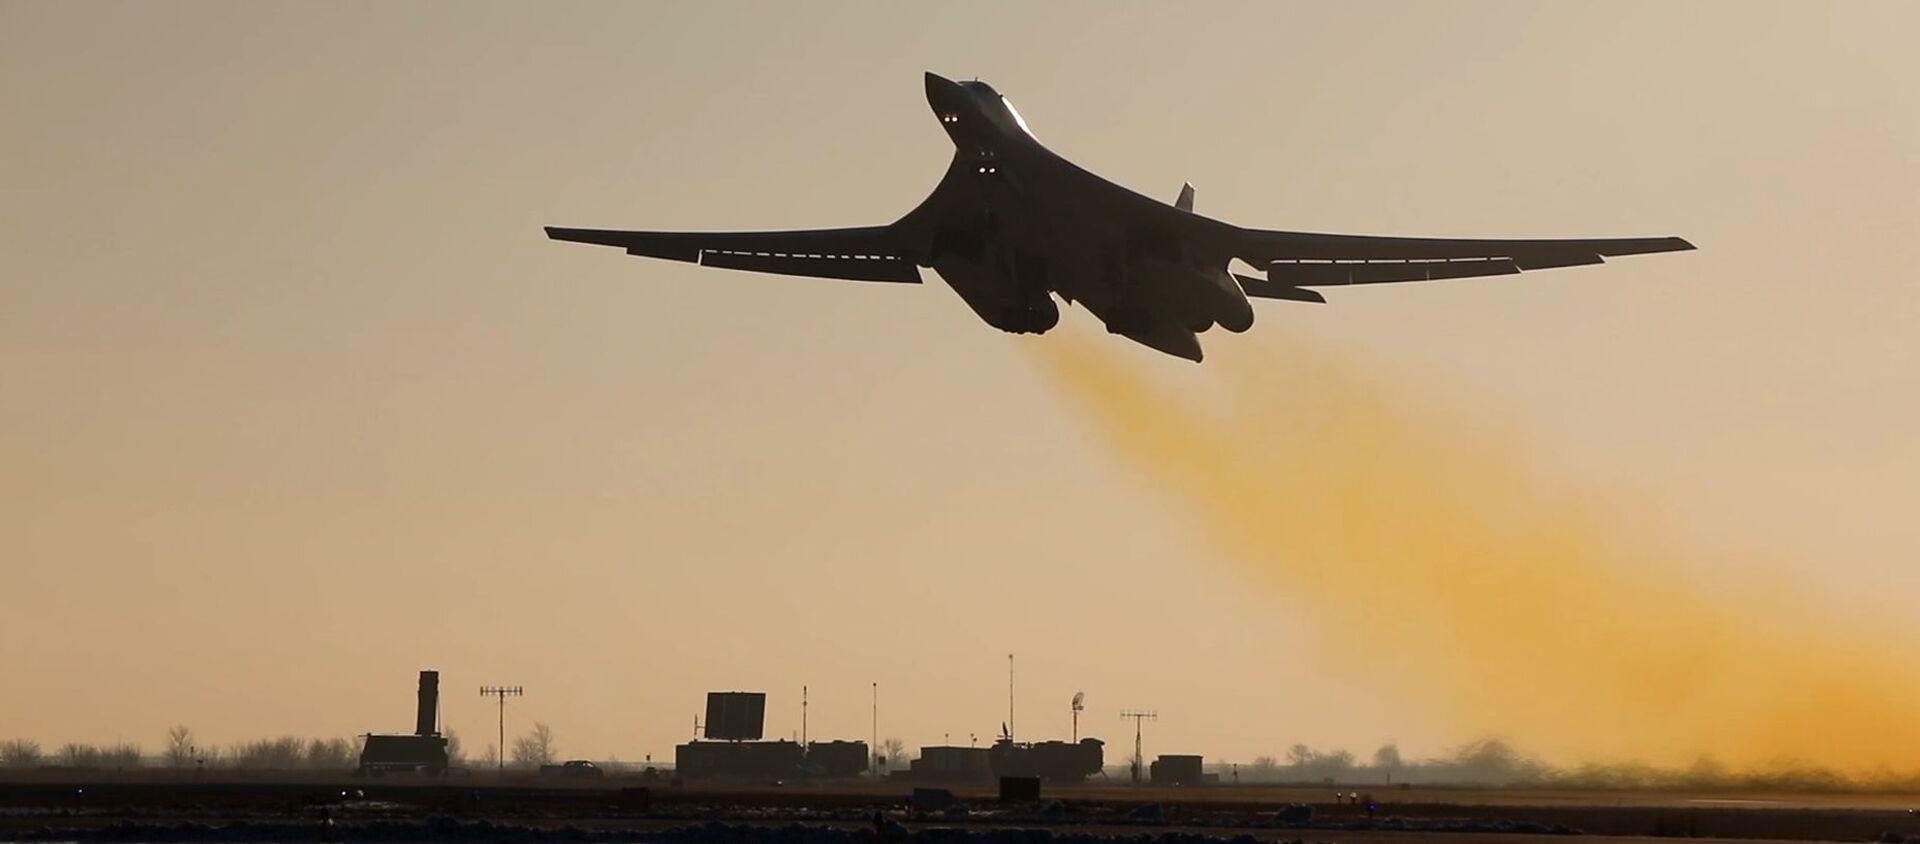 Chuyến bay huấn luyện chiến đấu của máy bay tên lửa chiến lược Tu-160 từ sân bay Engels-2. - Sputnik Việt Nam, 1920, 20.04.2021